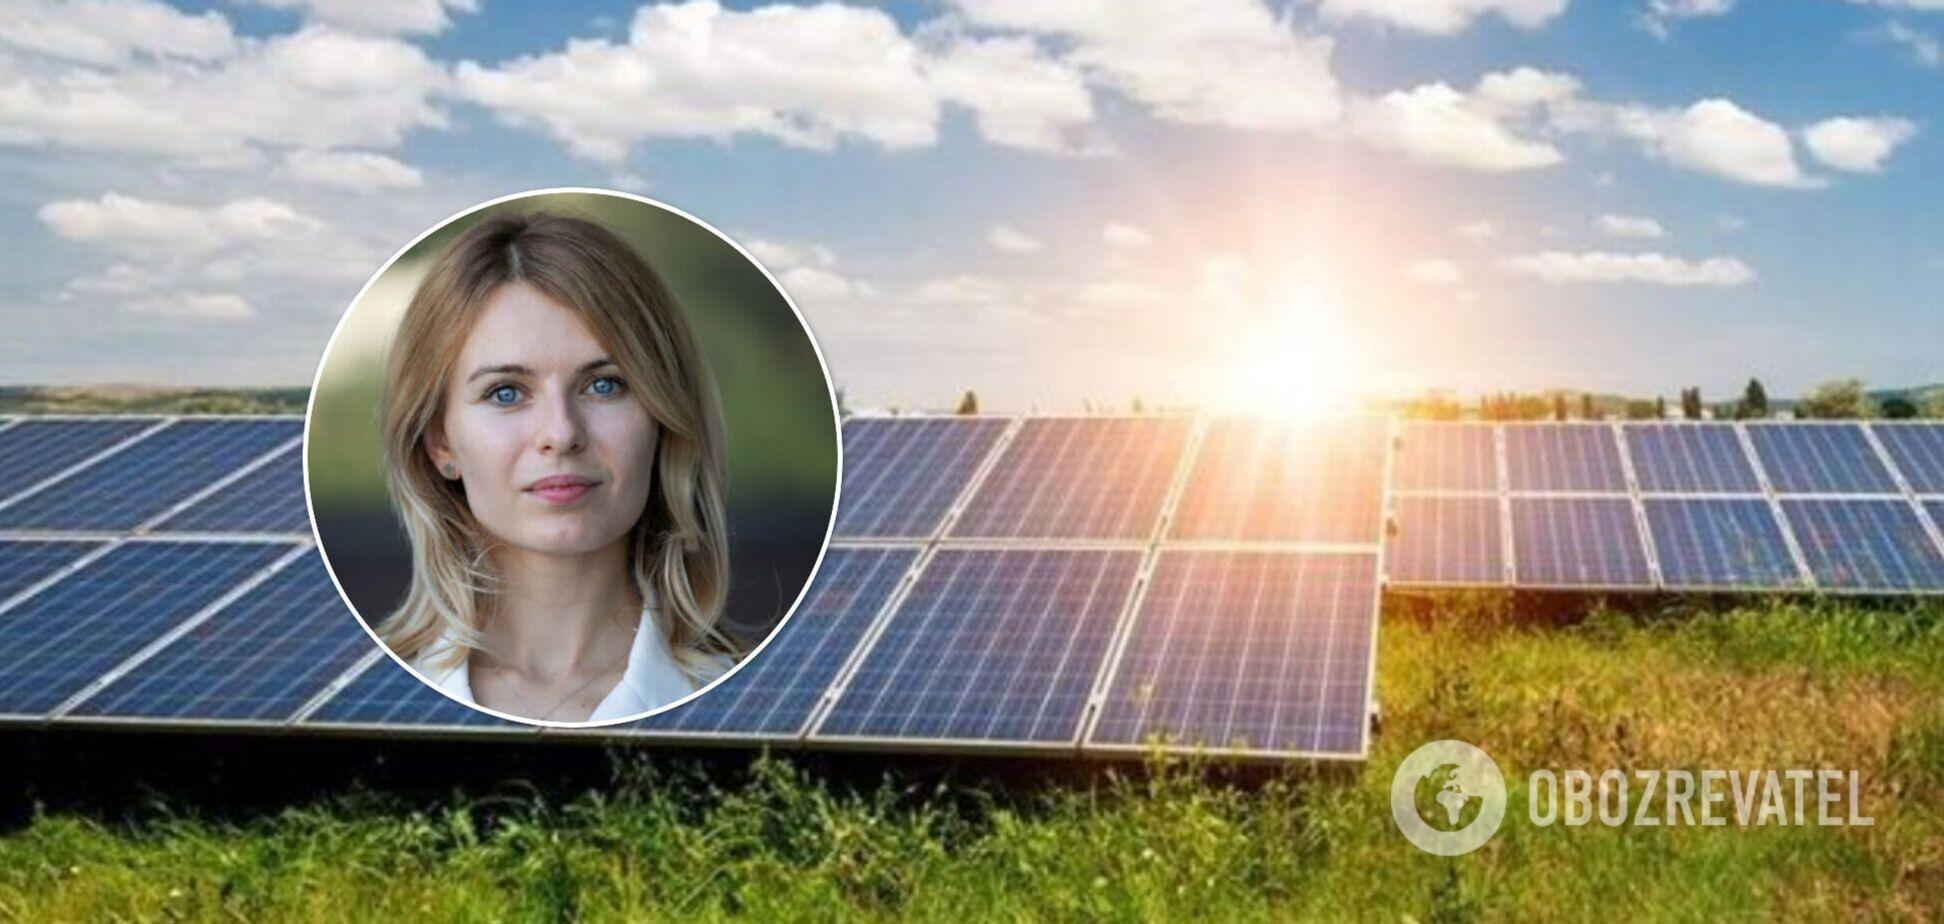 Из-за кризиса в 'зеленой' энергетике Украина срывает договоренности с ЕС по 'зеленому переходу', – Василенко